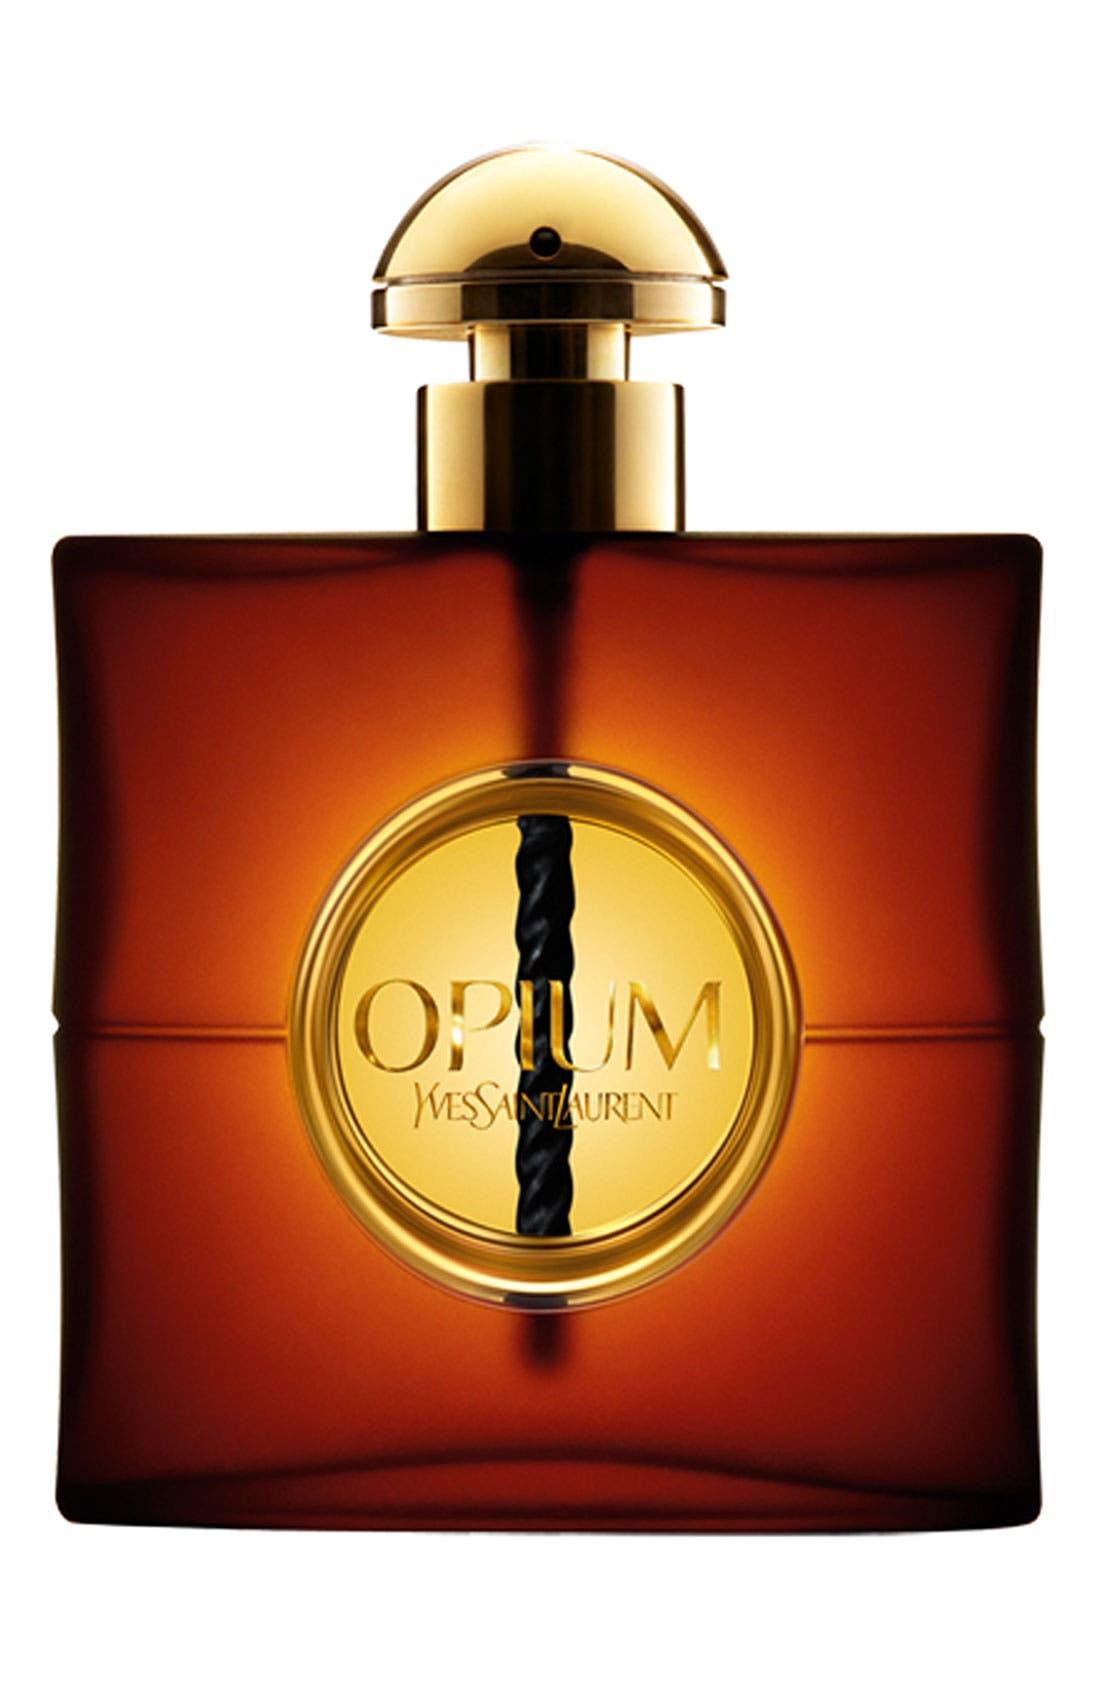 Yves Saint Laurent 'Opium' Eau de Parfum Spray